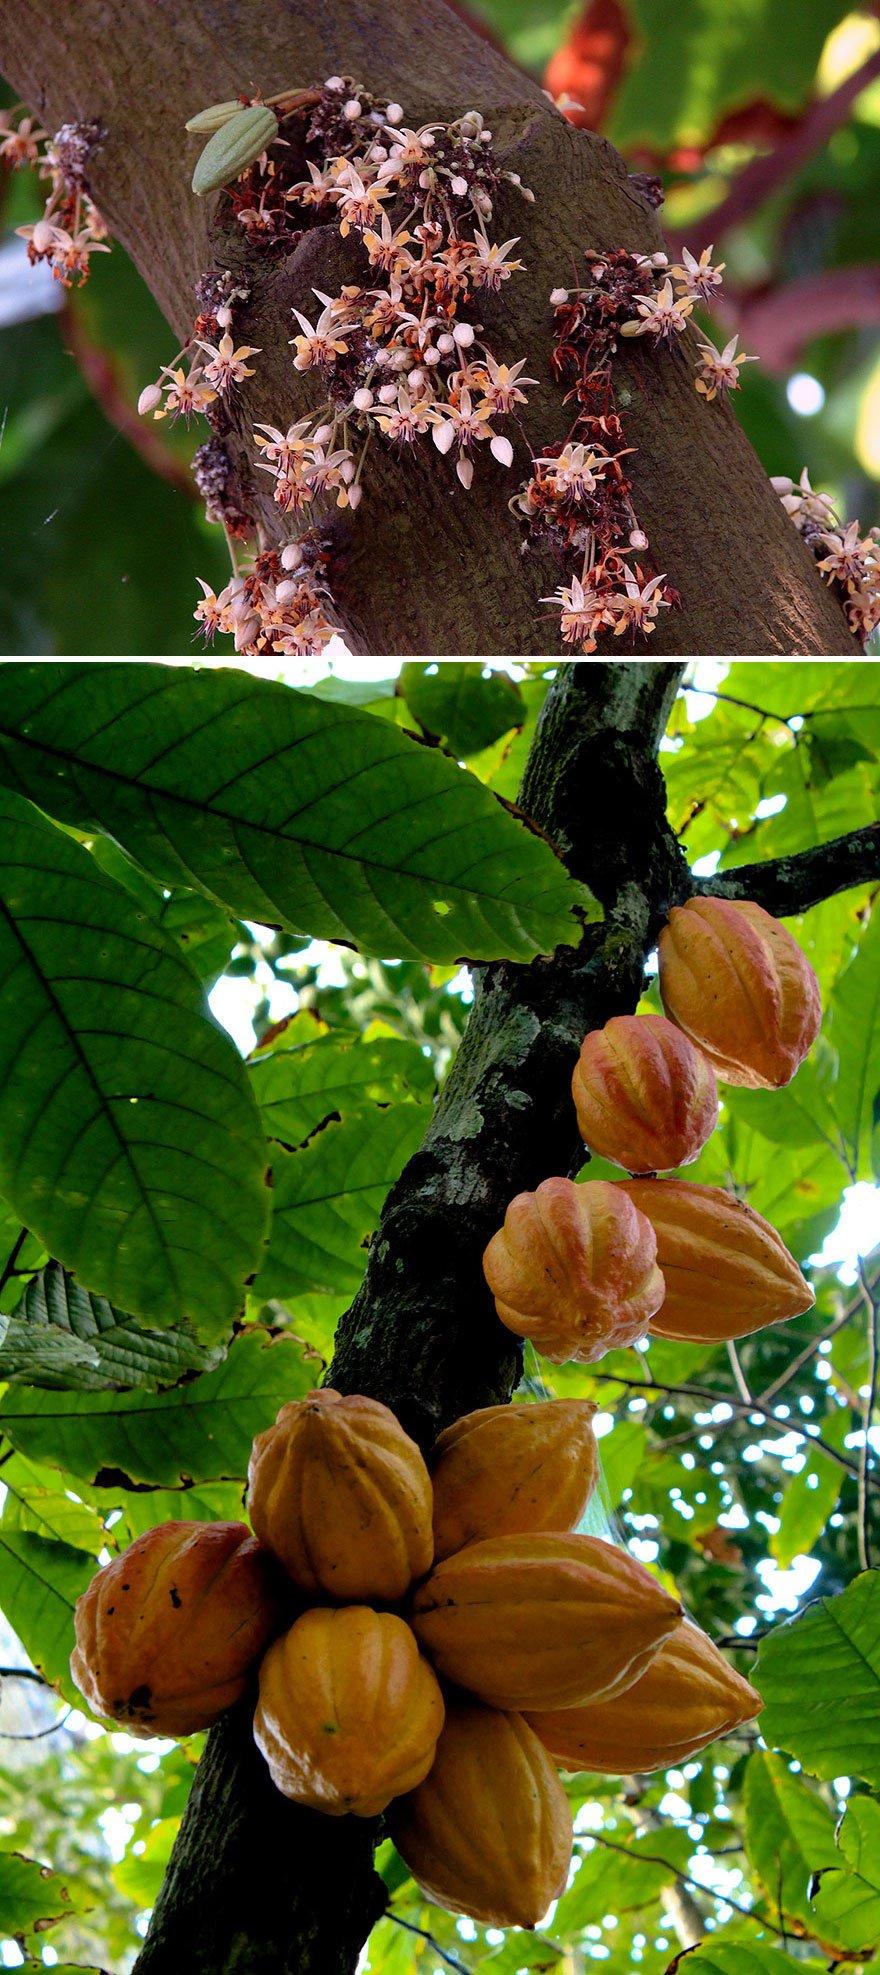 how-food-grow-1-58aab11426caf__880